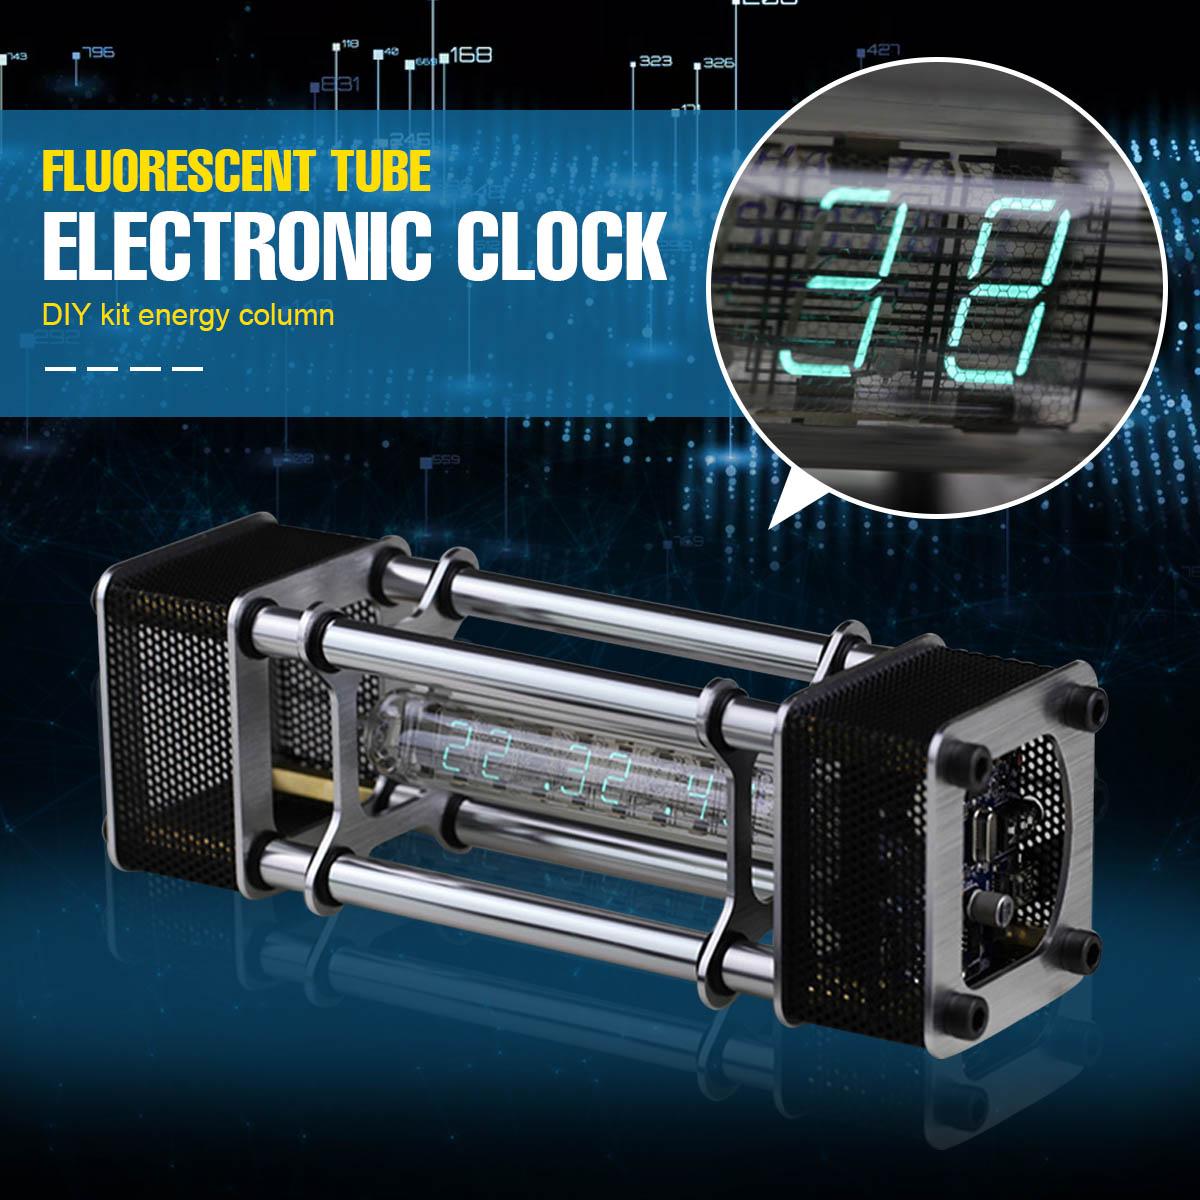 Démontées IV-18 Tube Fluorescent Électronique Horloge Kit DIY 6 D'énergie D'affichage Numérique Pilier Avec Télécommande Module